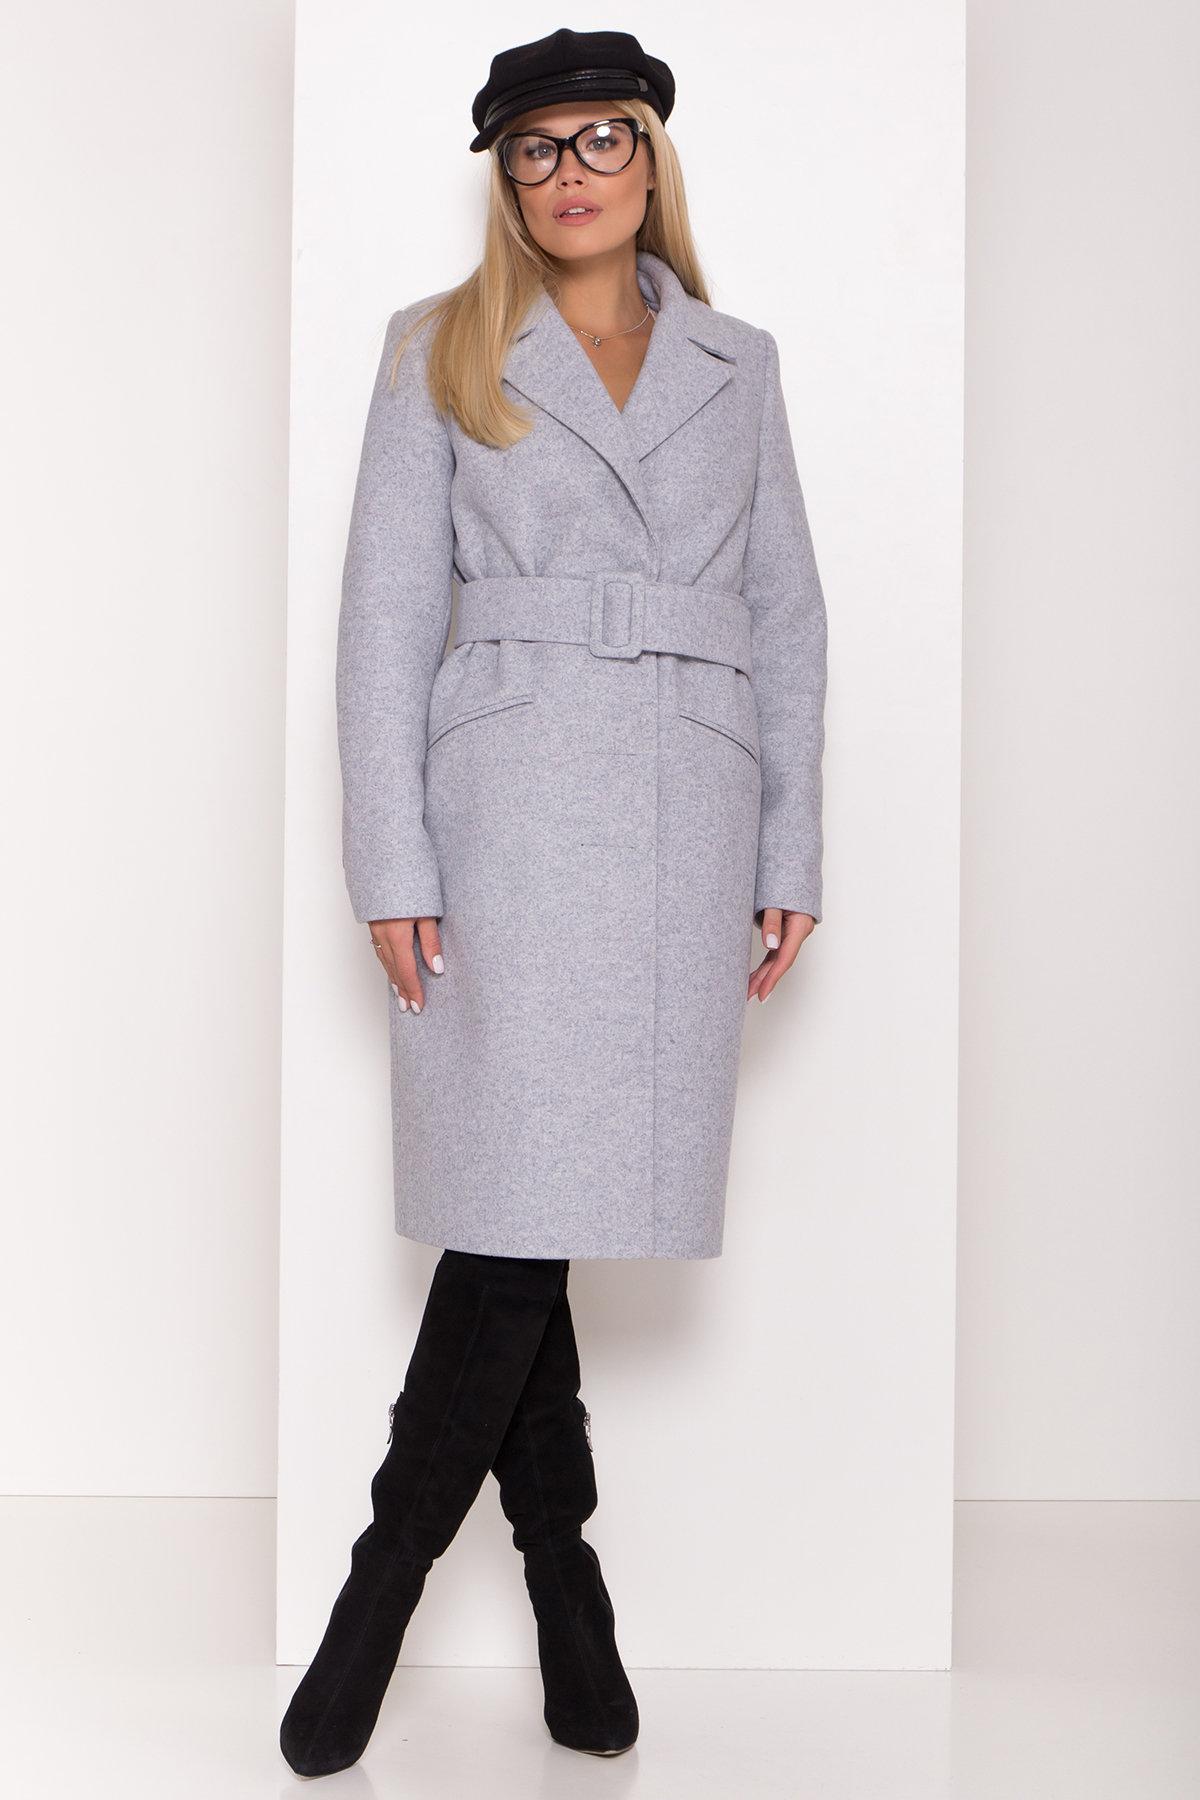 Купить женское зимнее пальто от Modus Пальто зима Реджи классик 8202